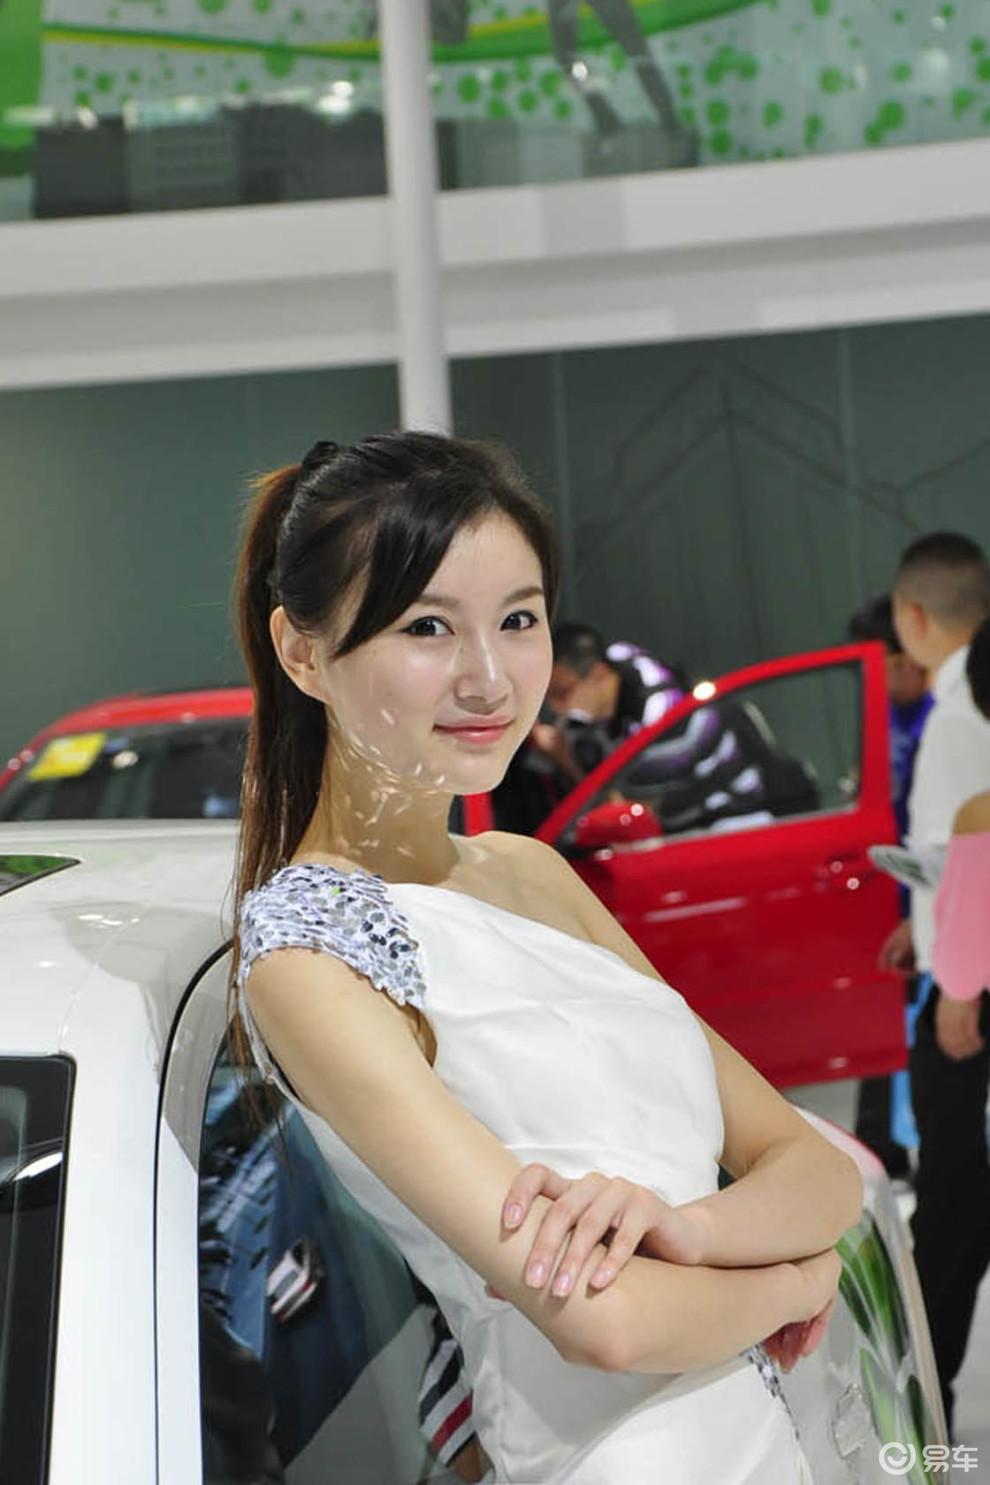 【清纯邻家女孩图片】-易车网bitauto.com